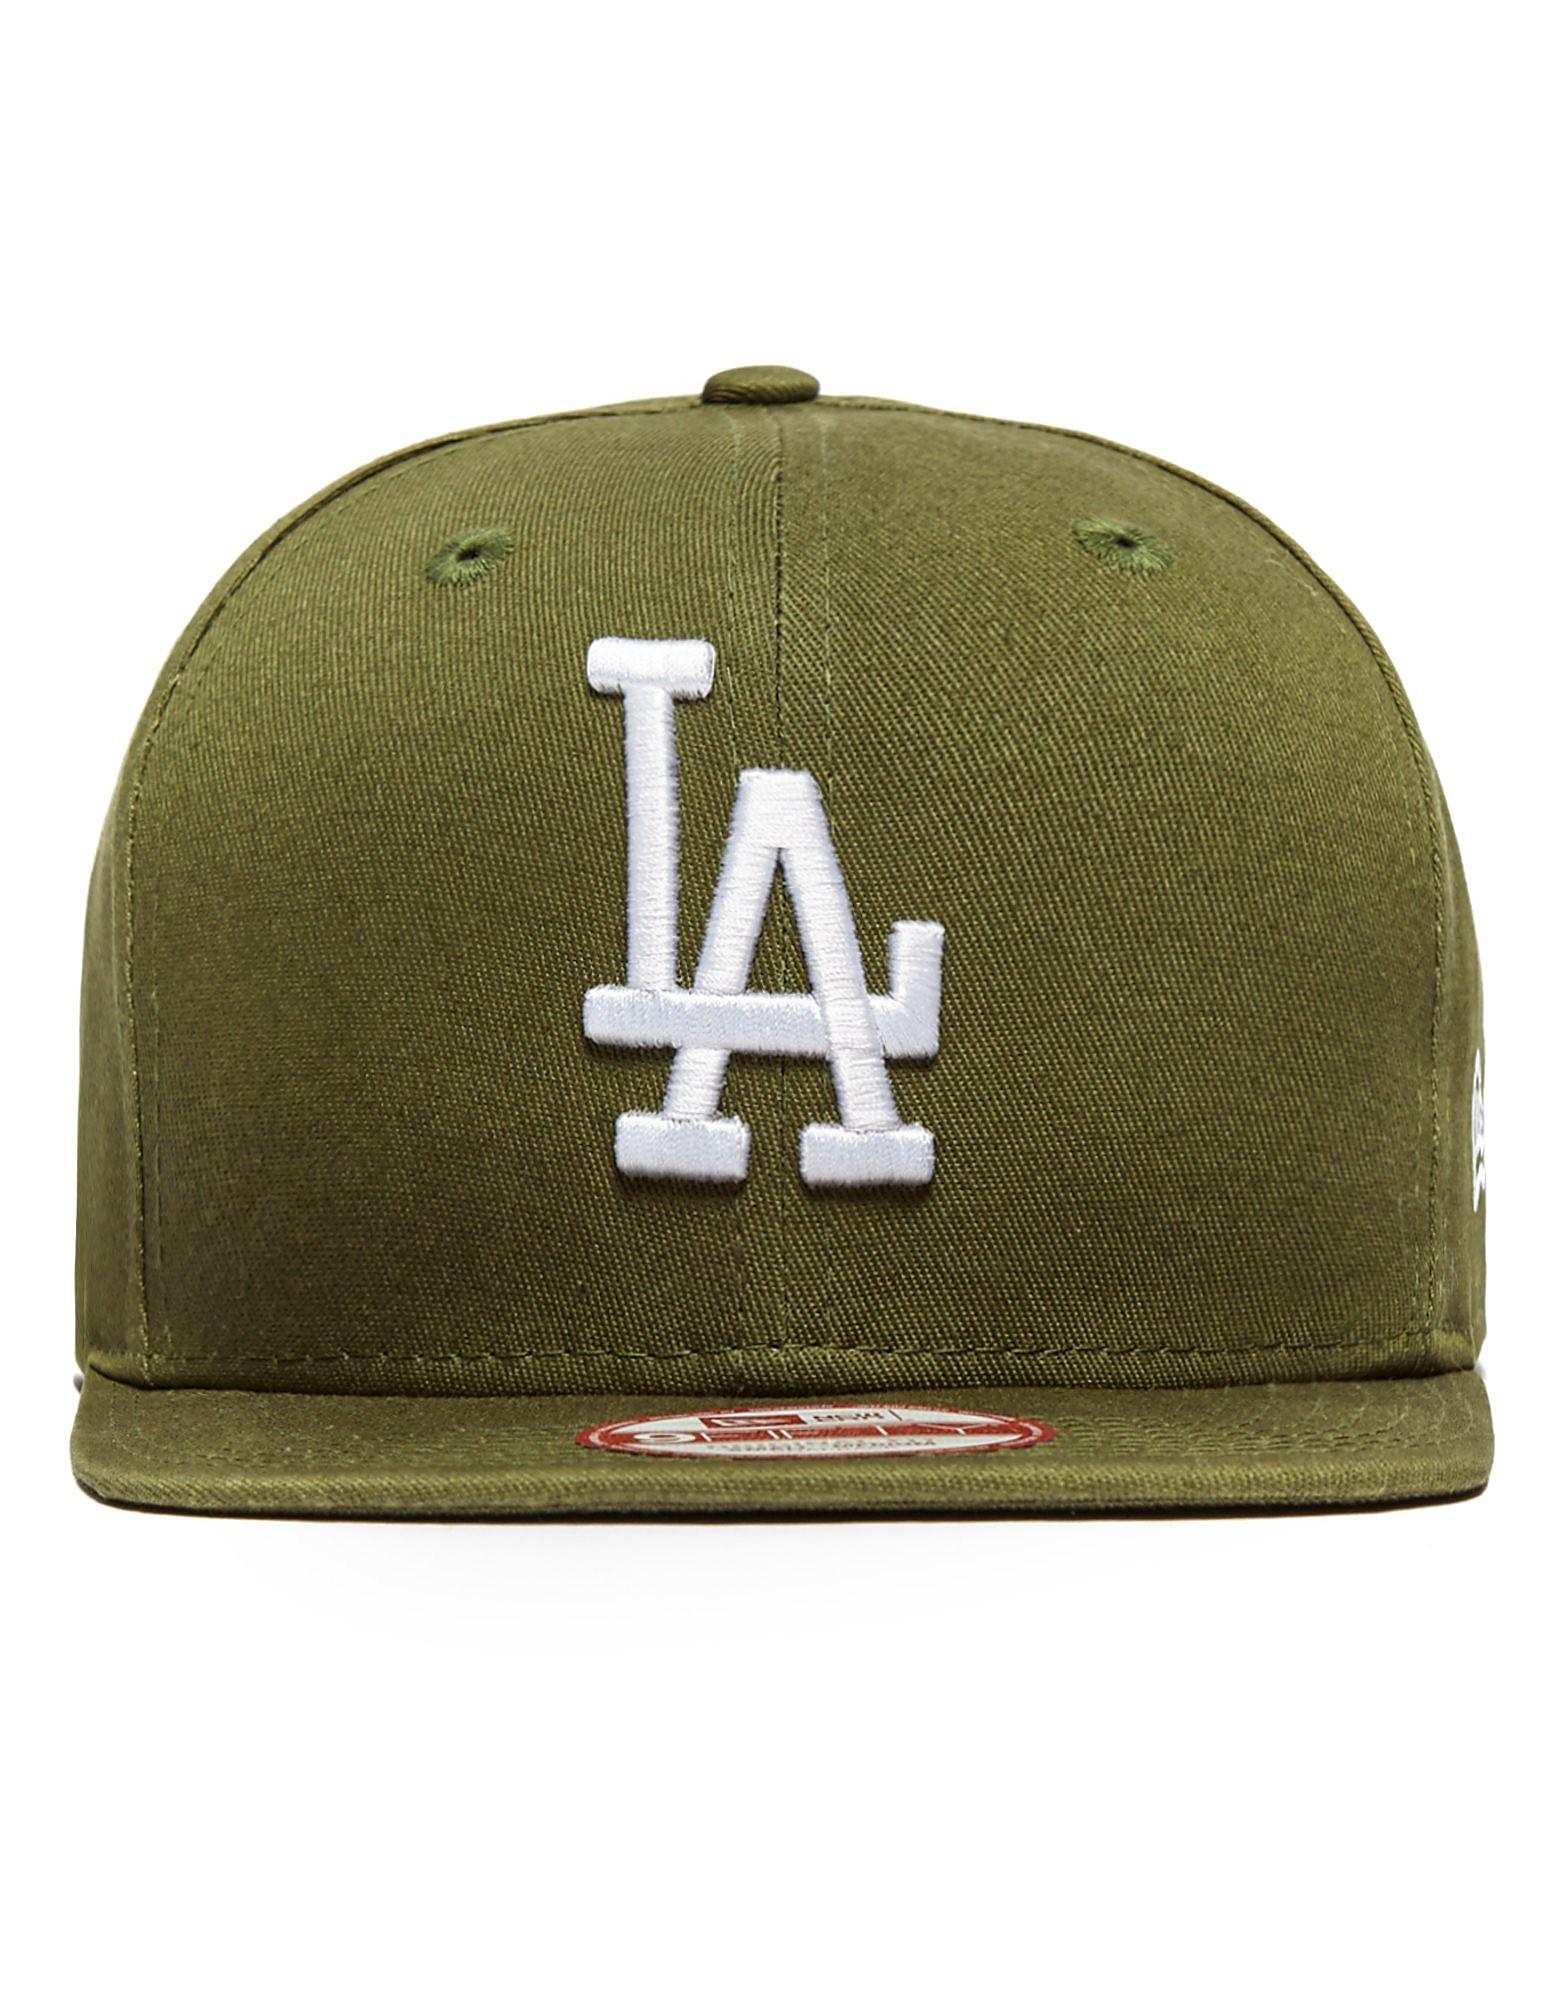 New Era 9FIFTY MLB Los Angeles Dodgers Snapback Cap